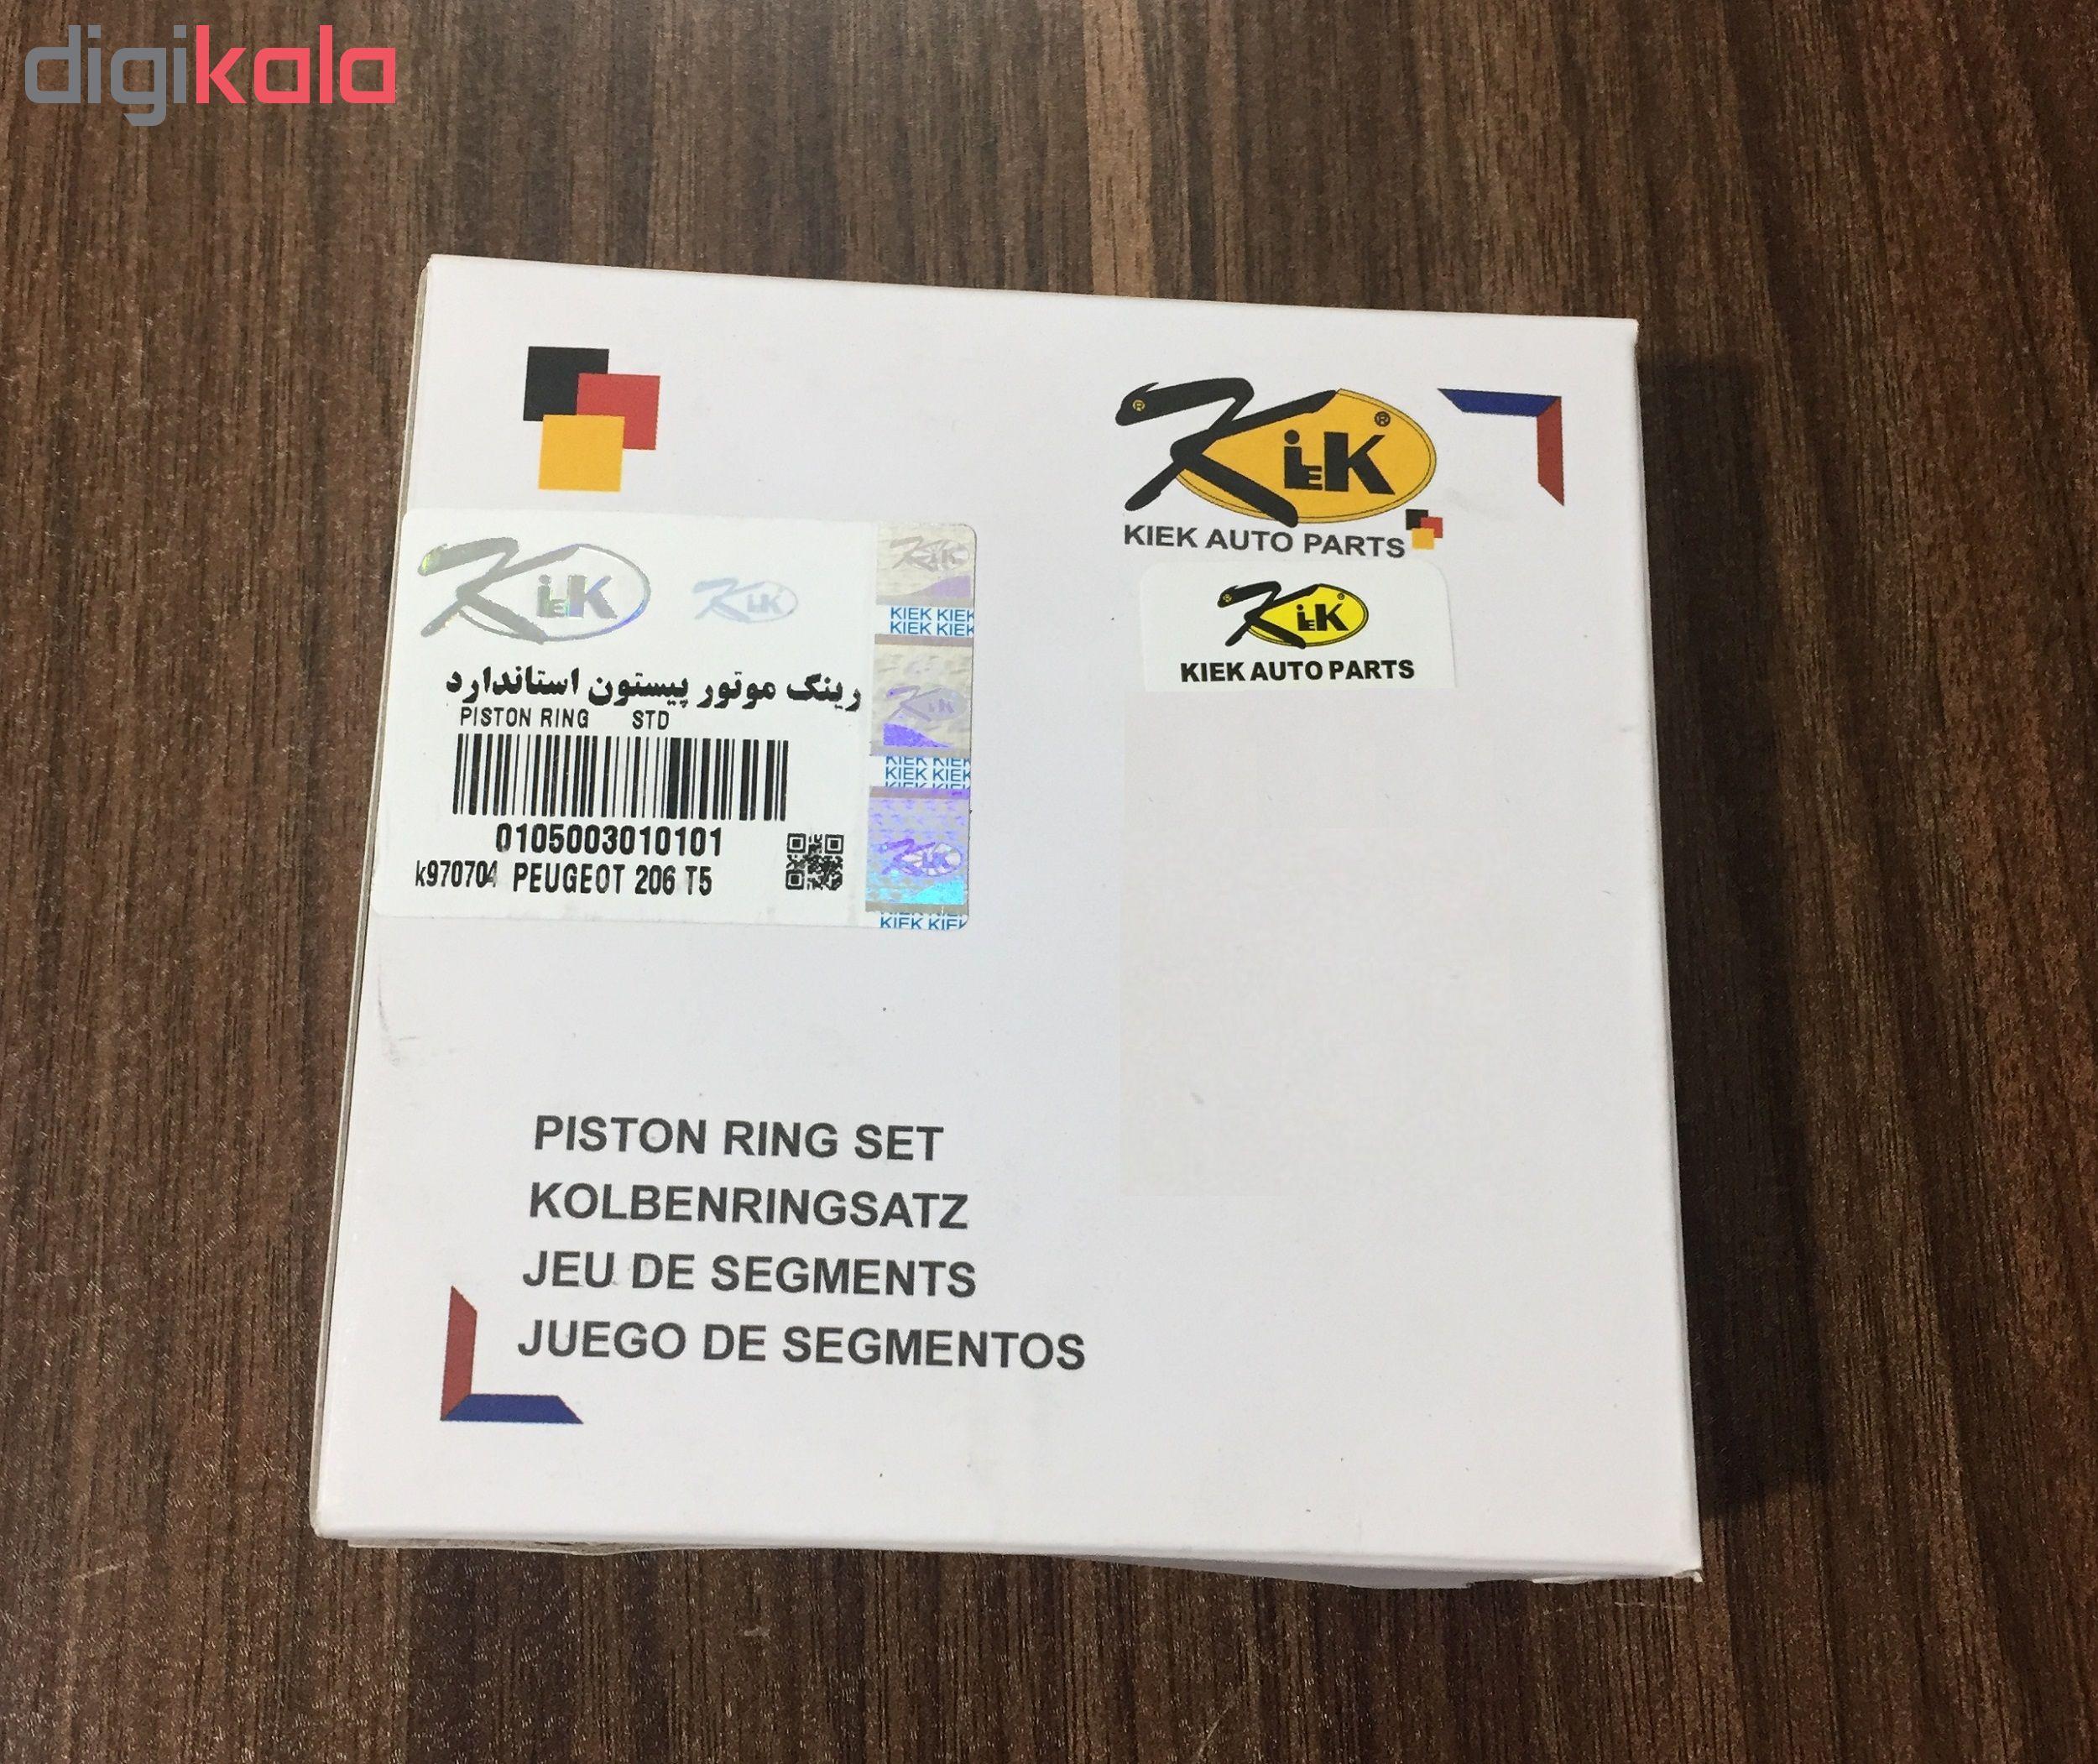 رینگ کیک مدل STD مناسب برای پژو 206 تیپ 5 و 207 و پارس TU5 بسته 20 عددی main 1 1